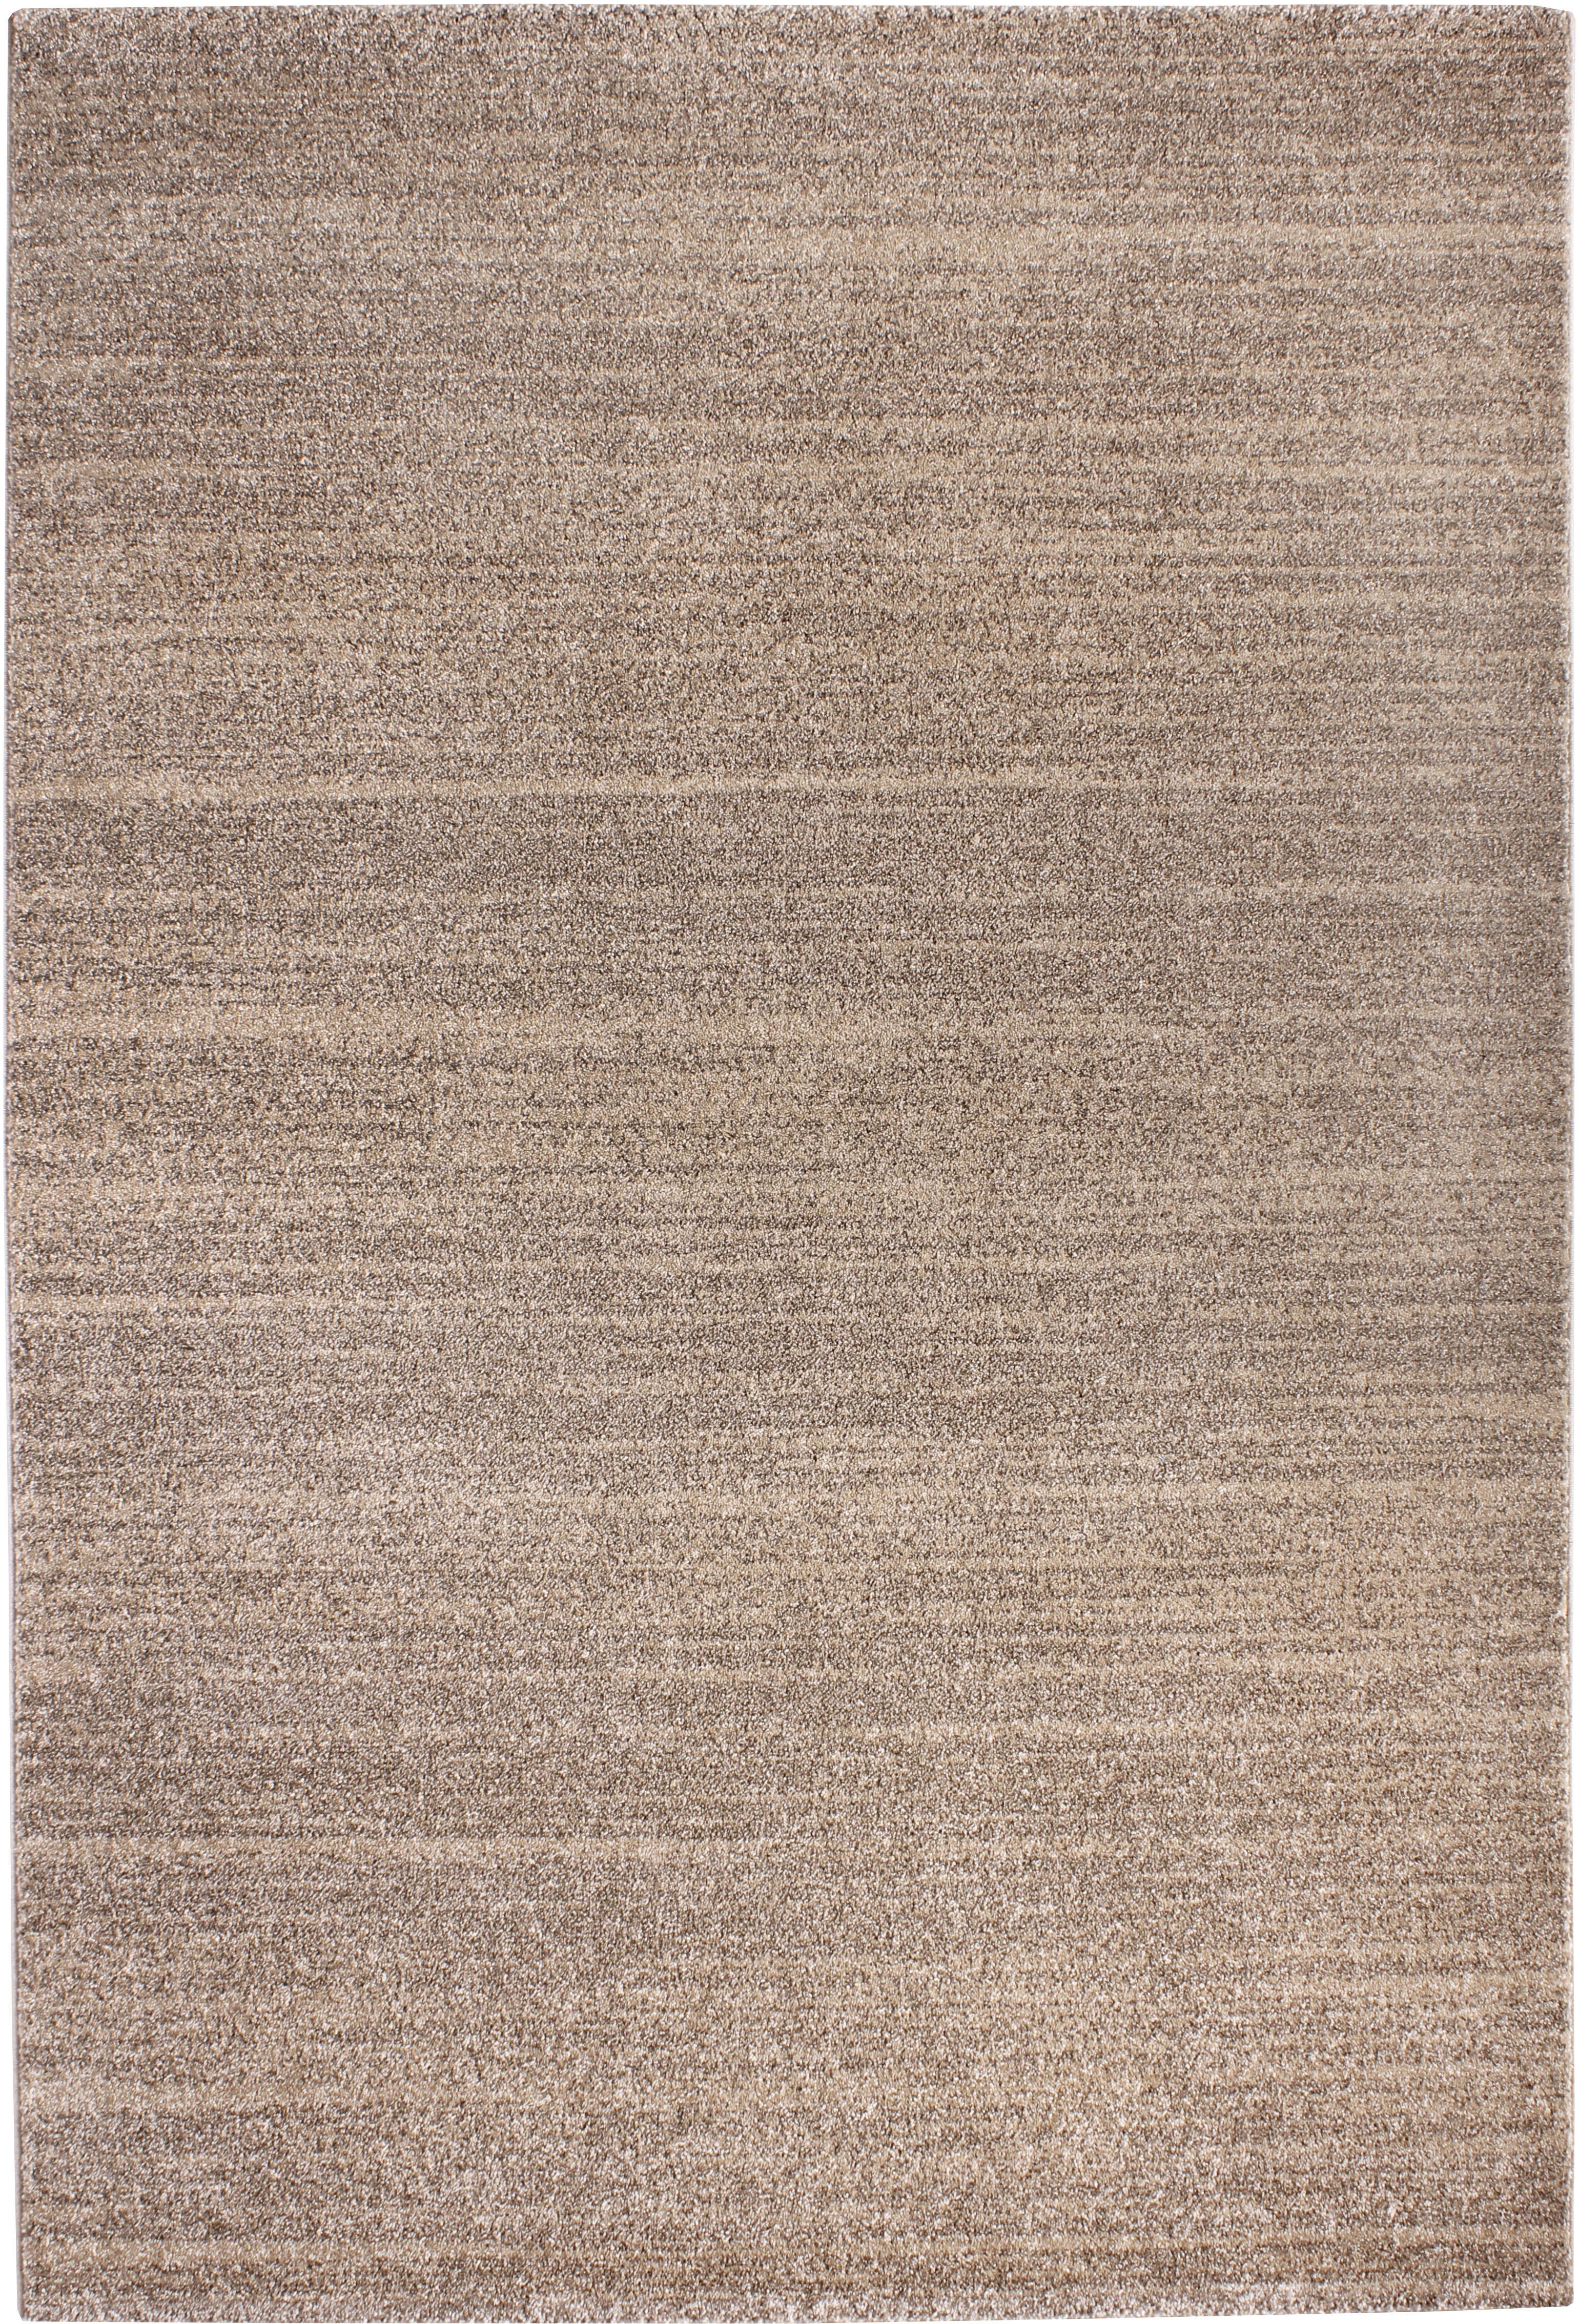 LUXOR living Teppich Monaco, rechteckig, 15 mm Höhe, Kurzflor braun Esszimmerteppiche Teppiche nach Räumen